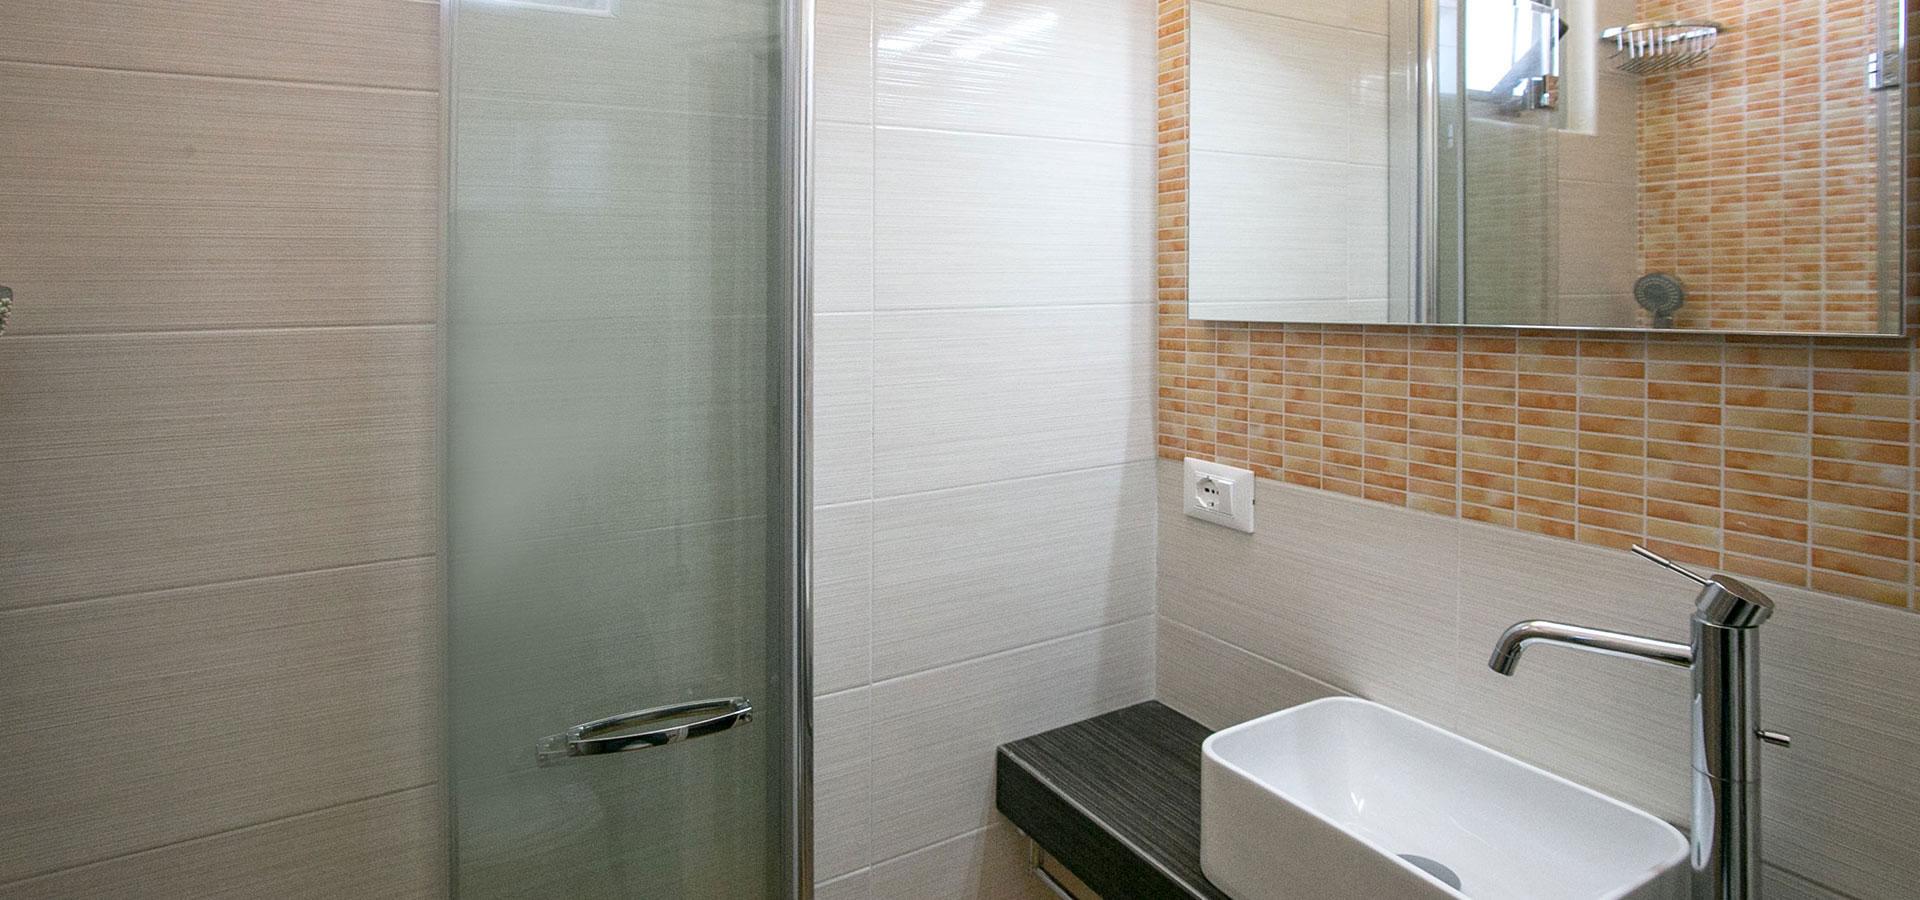 bagni-hotel-litz-ristrutturati-camere